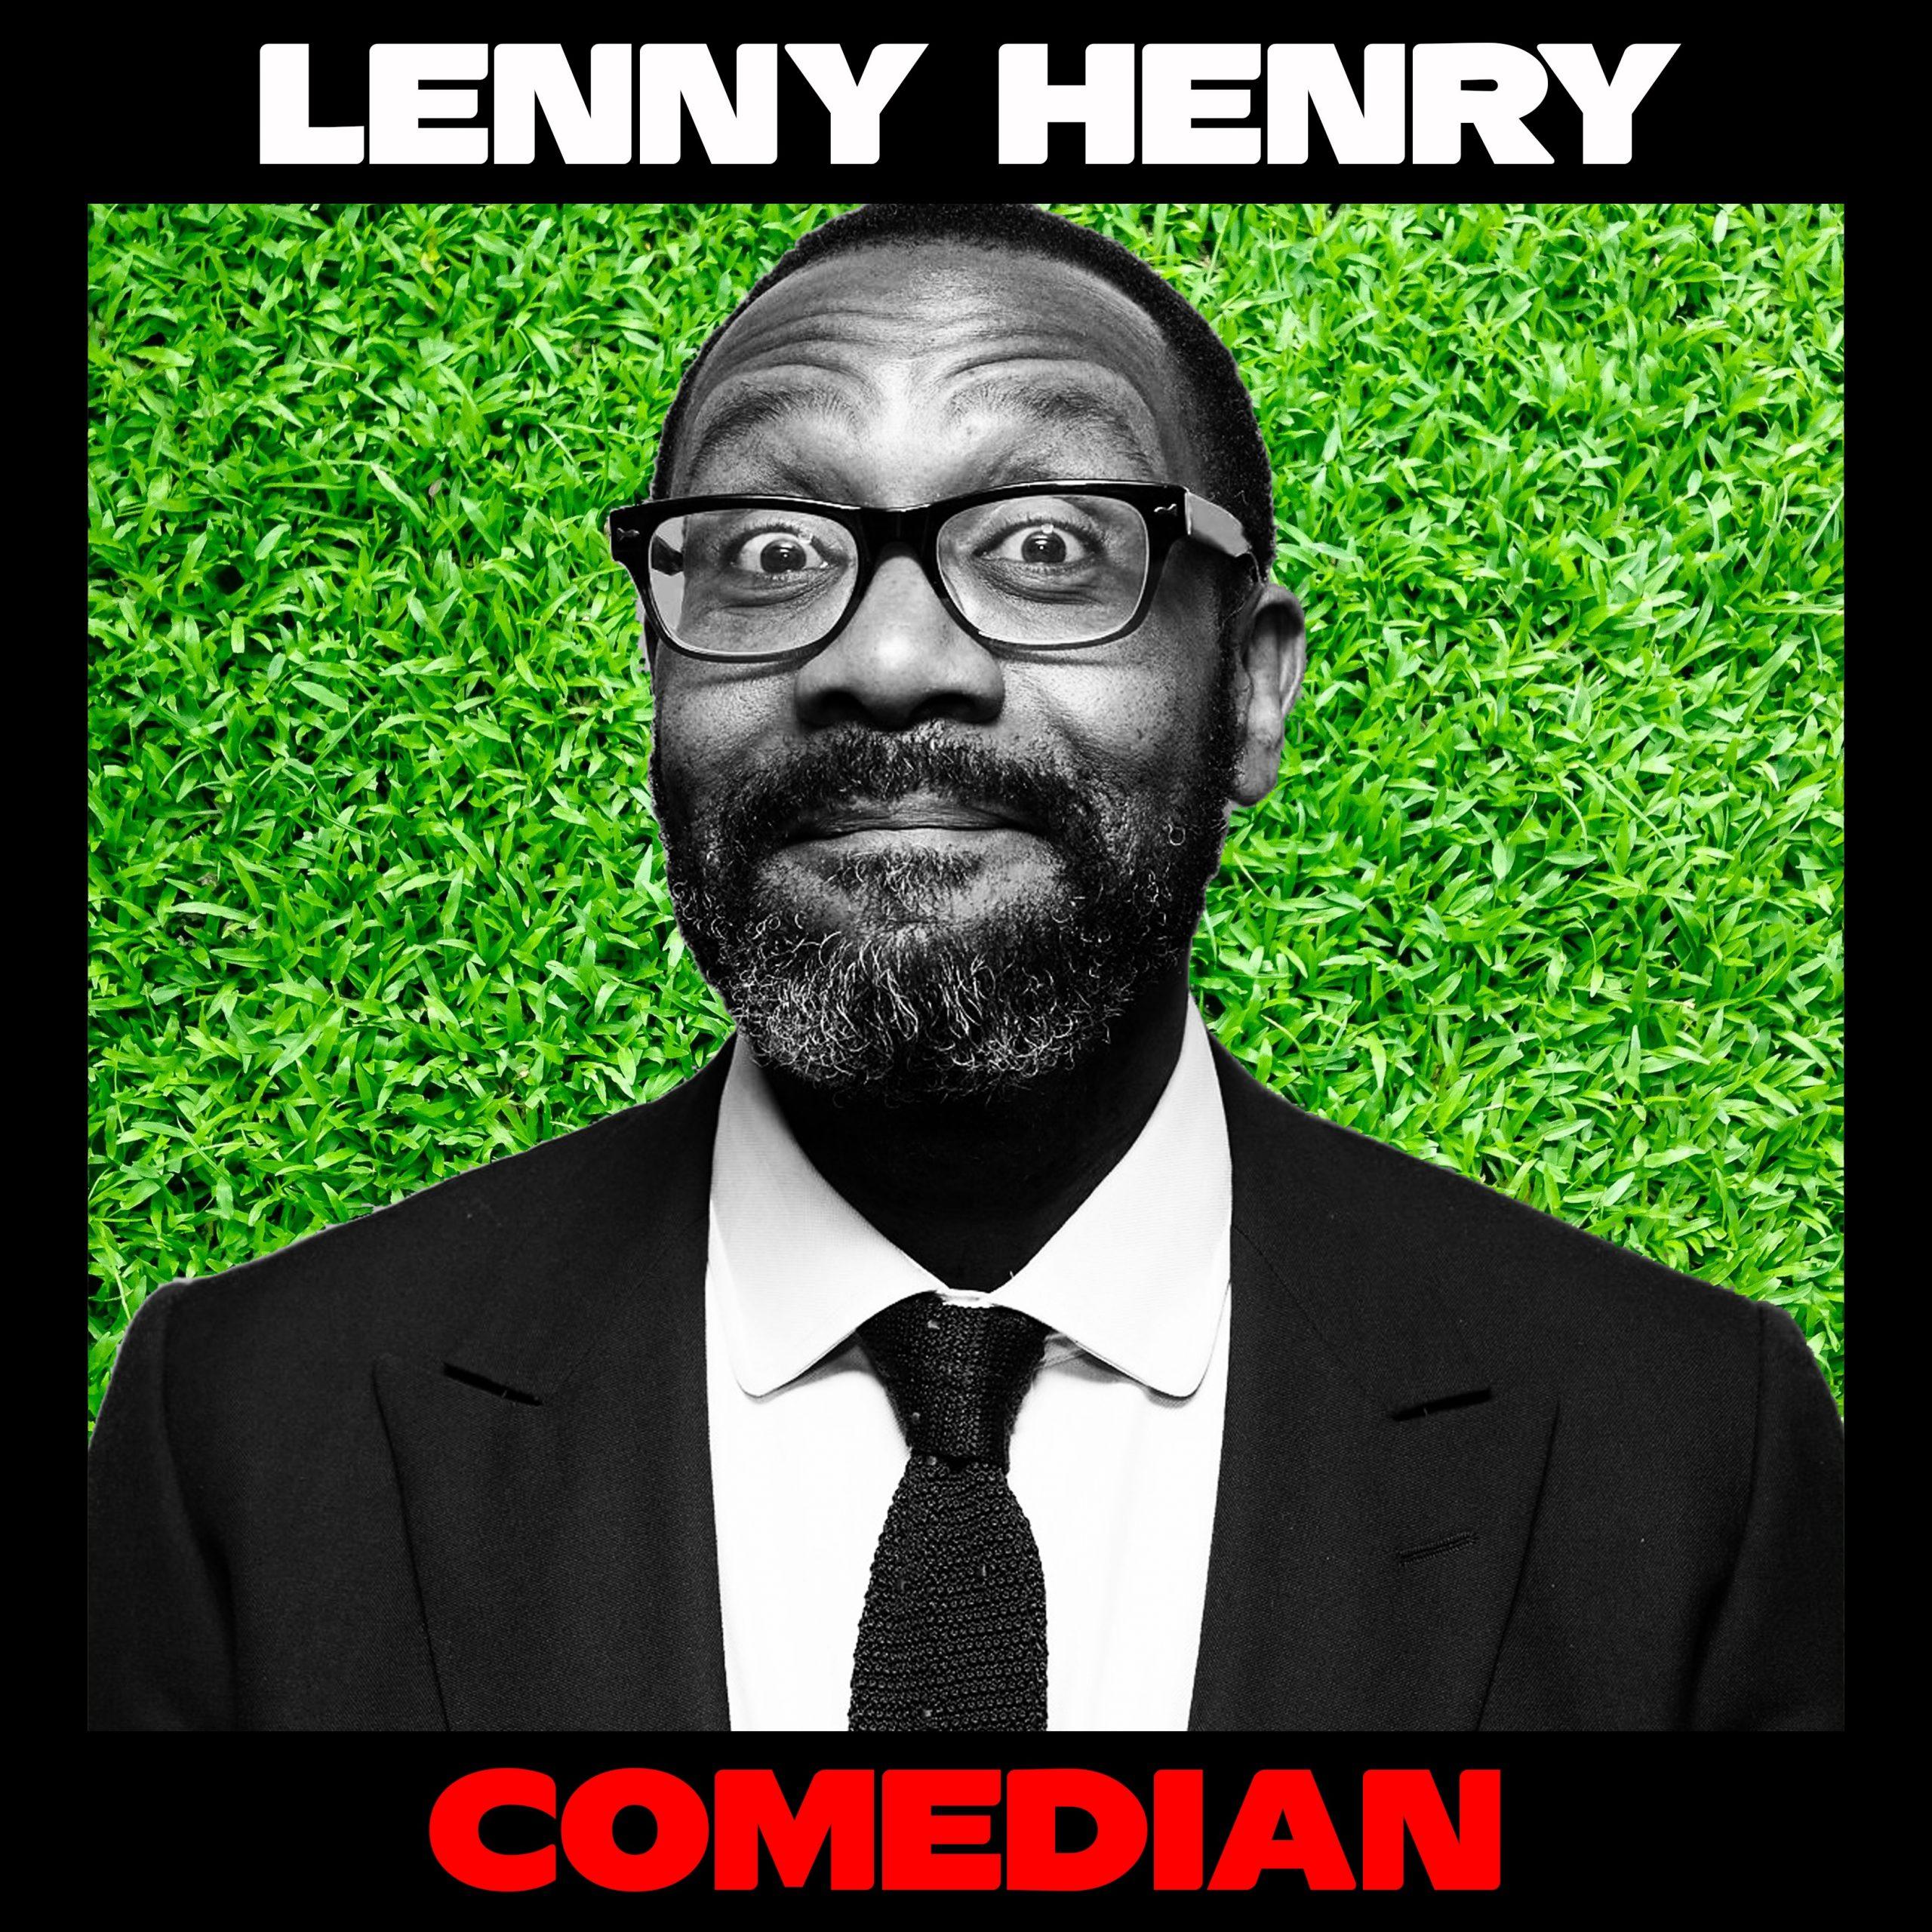 Lenny Henry, Comedian